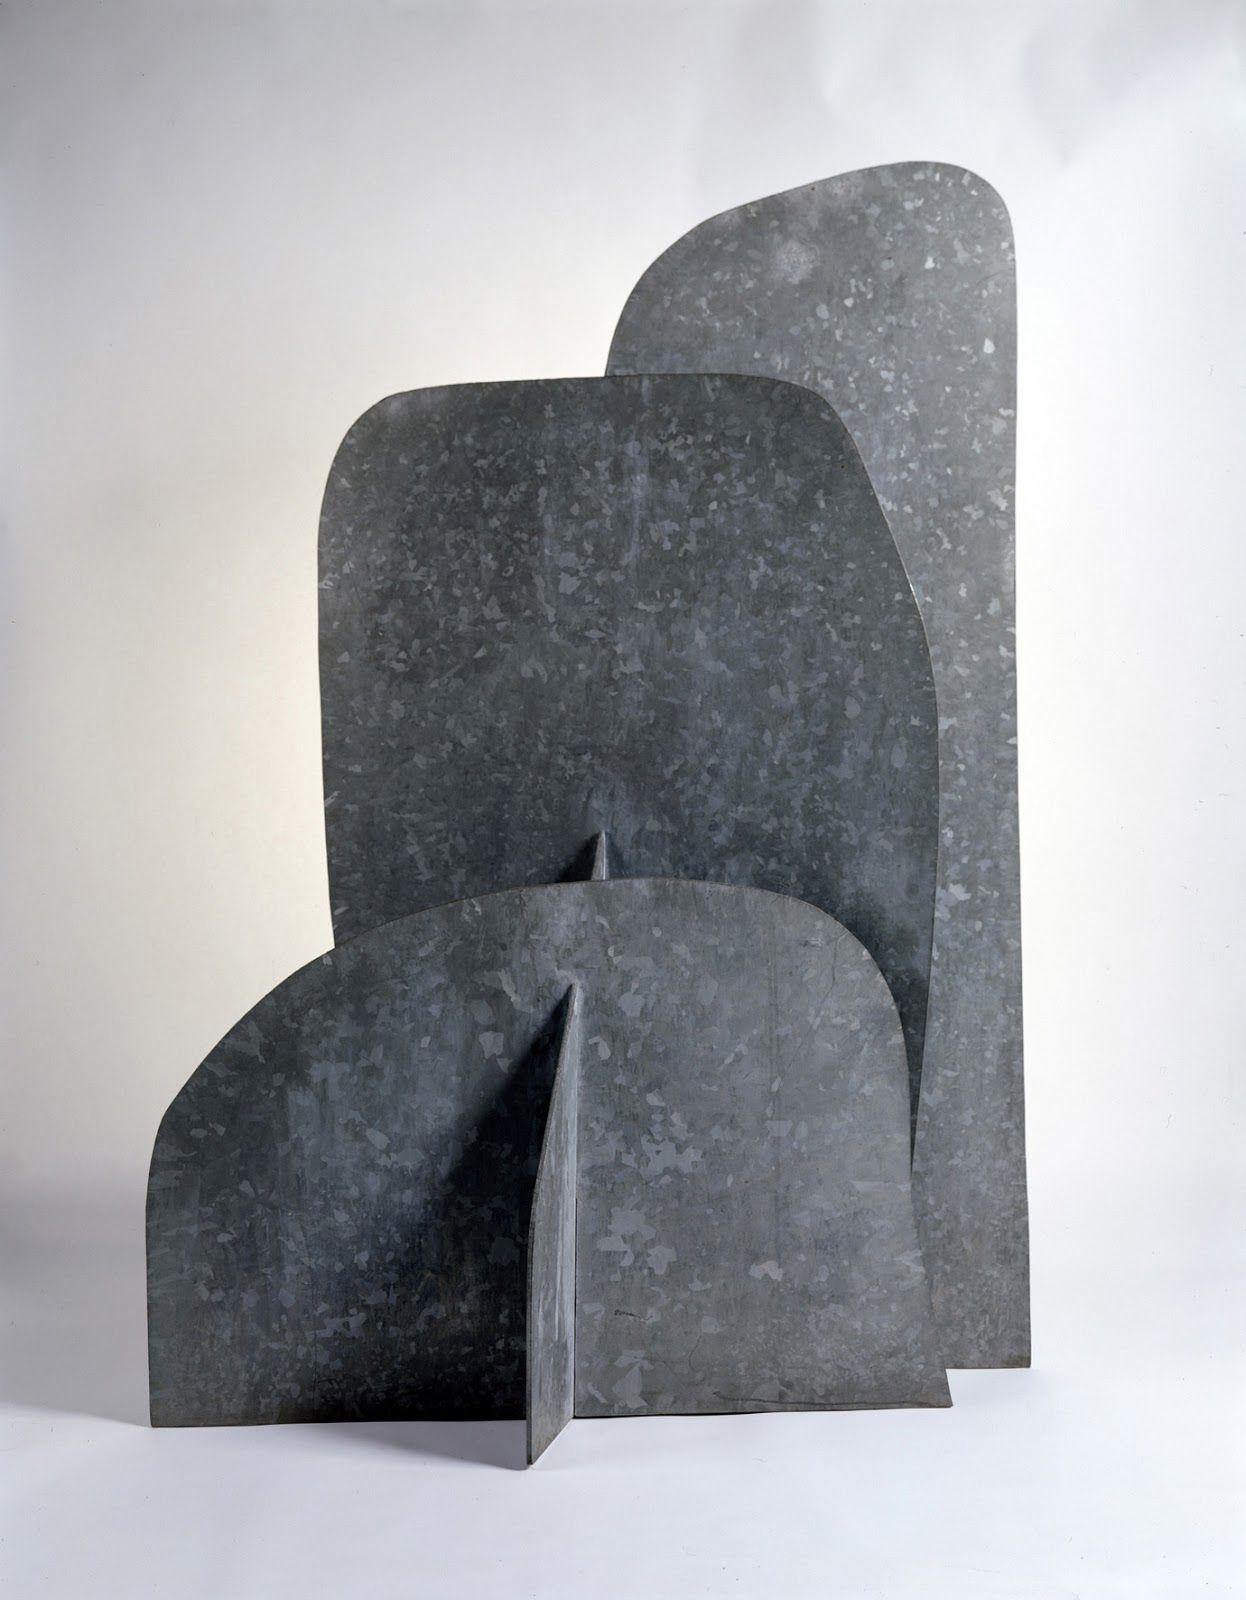 Em São Paulo, a arte de Isamu Noguchi | Sculptural Objects ...  Em São Paulo, ...